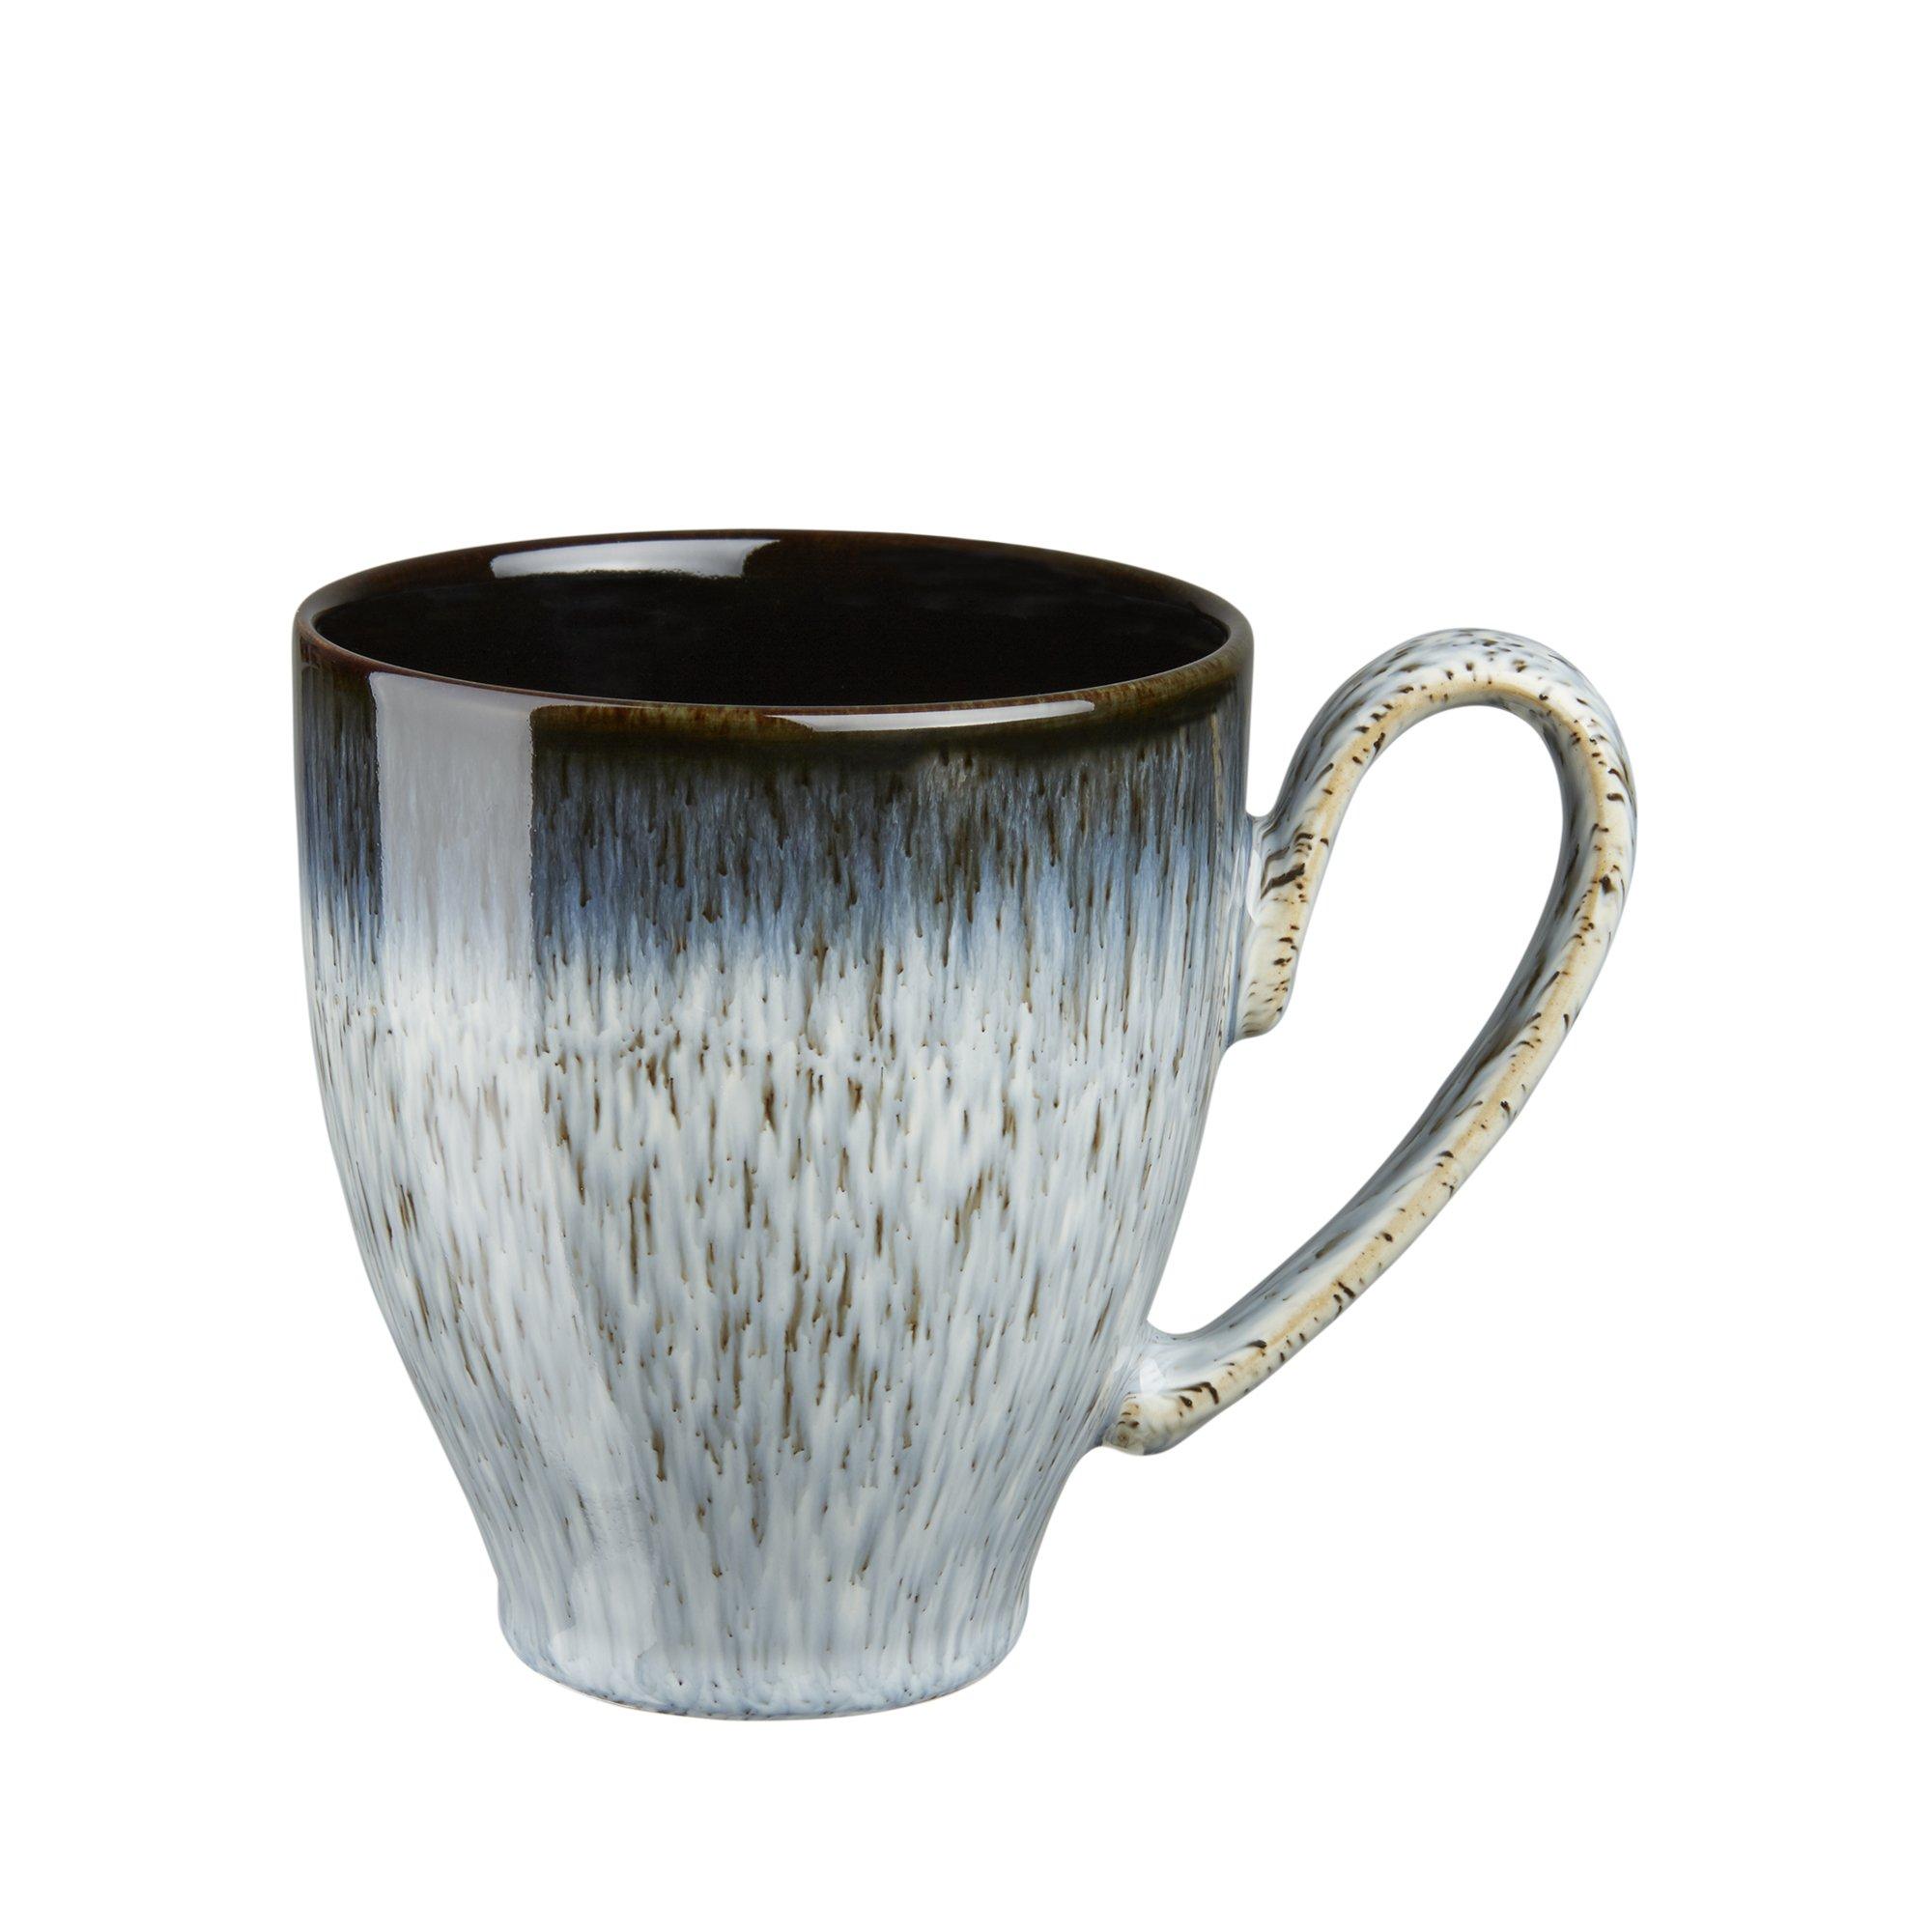 Denby Halo Large Mug, Set of 4